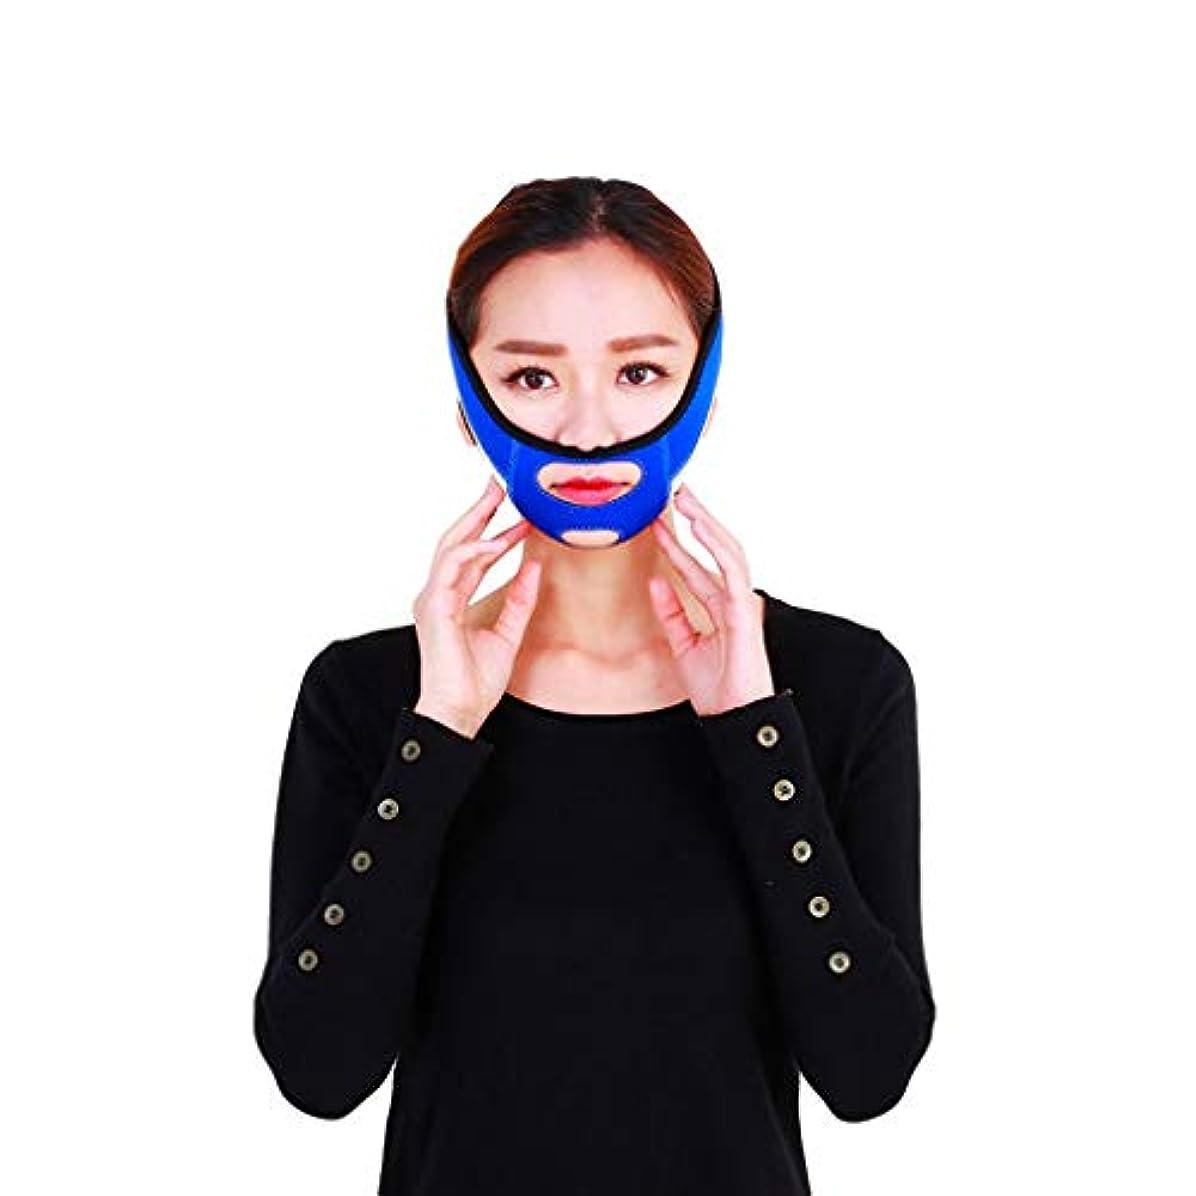 基礎理論アトムビート滑り止め弾性ストレッチ包帯を強化するために口を調整する顔の顔のマスク